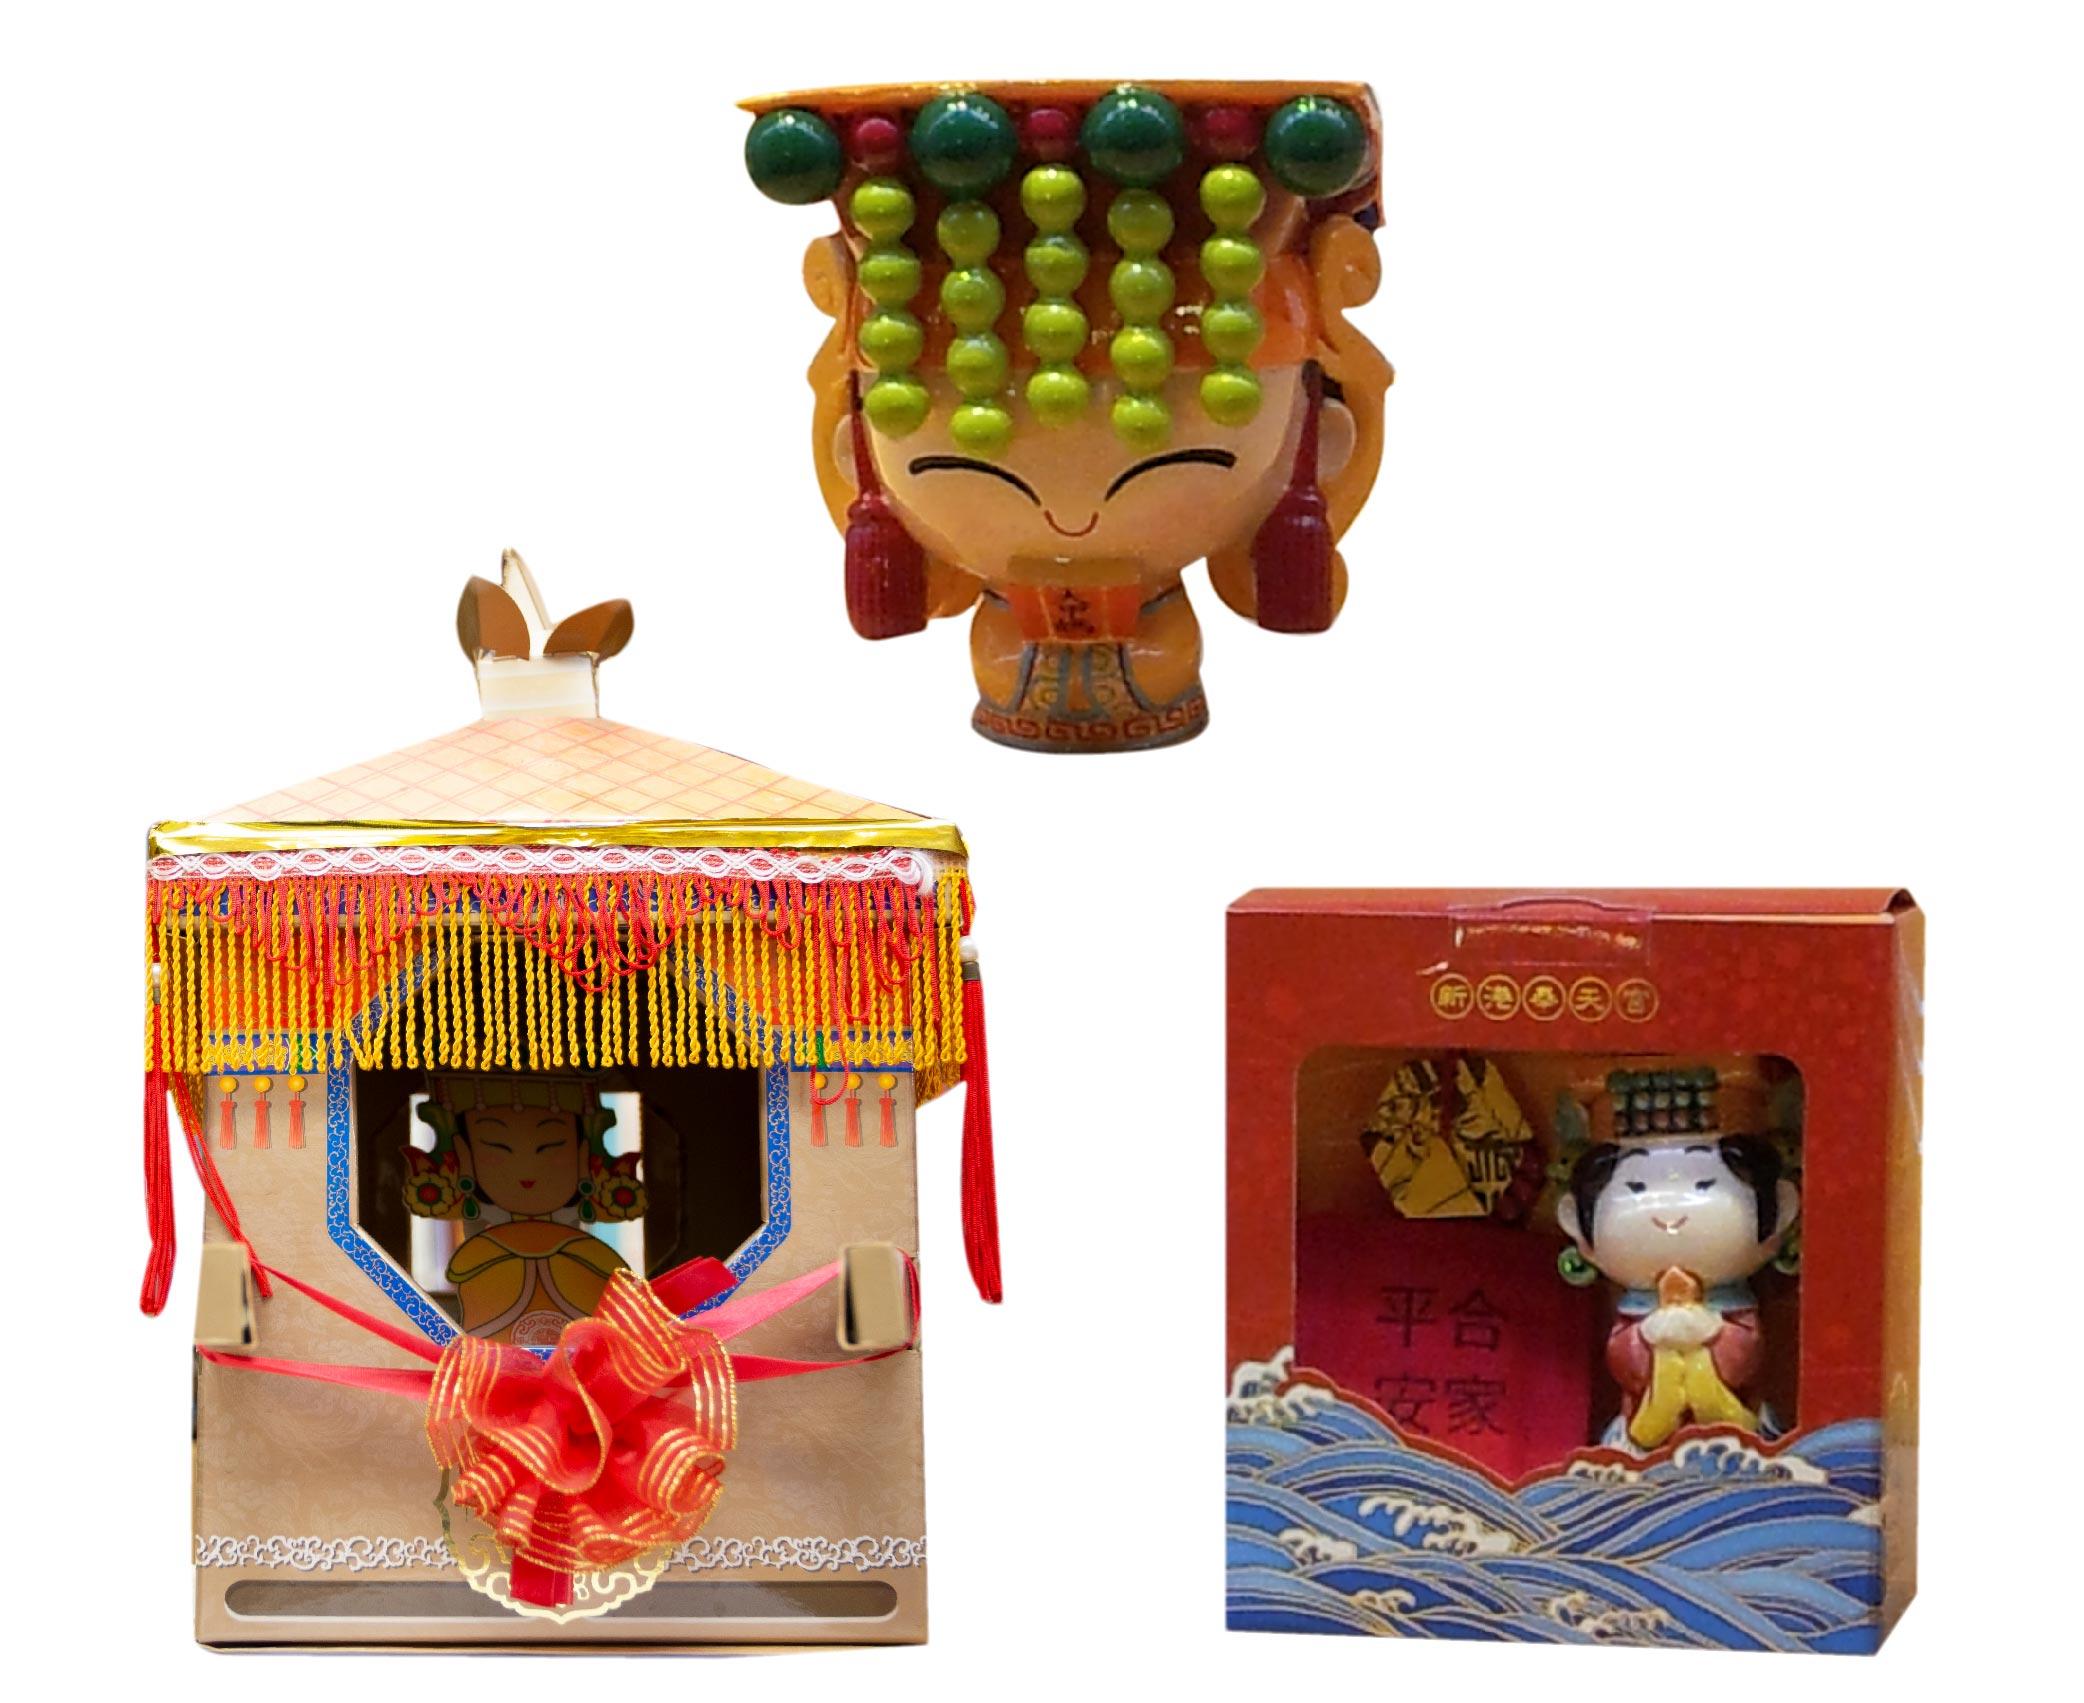 神明公仔、文創商品,是臺灣民間信仰的年輕化特色,包括鎮瀾宮、奉天宮都推出媽祖公仔與系列文創。圖│張珣